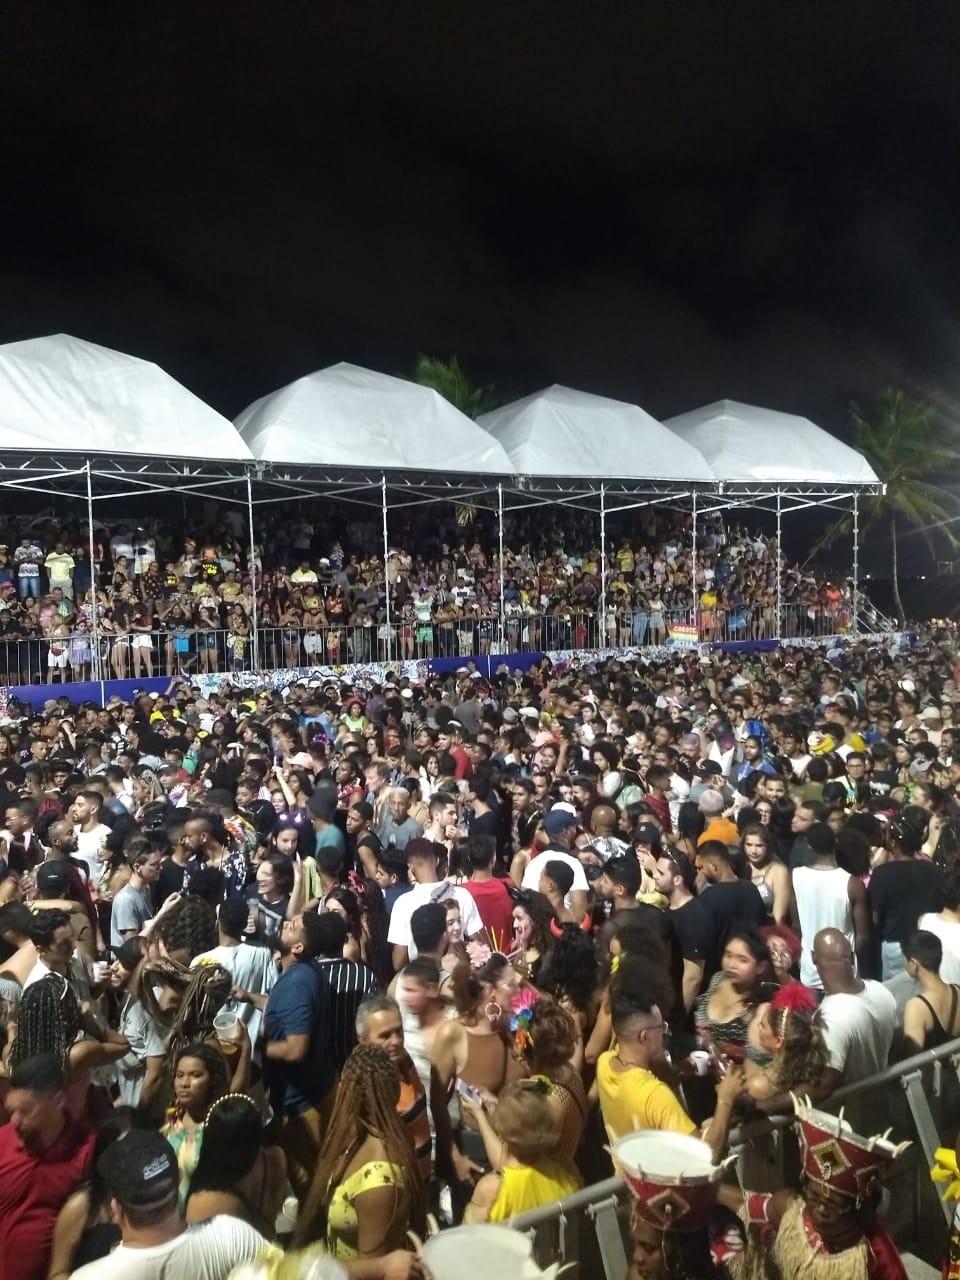 AO VIVO: Carnaval no Circuito Beira Mar, em São Luís